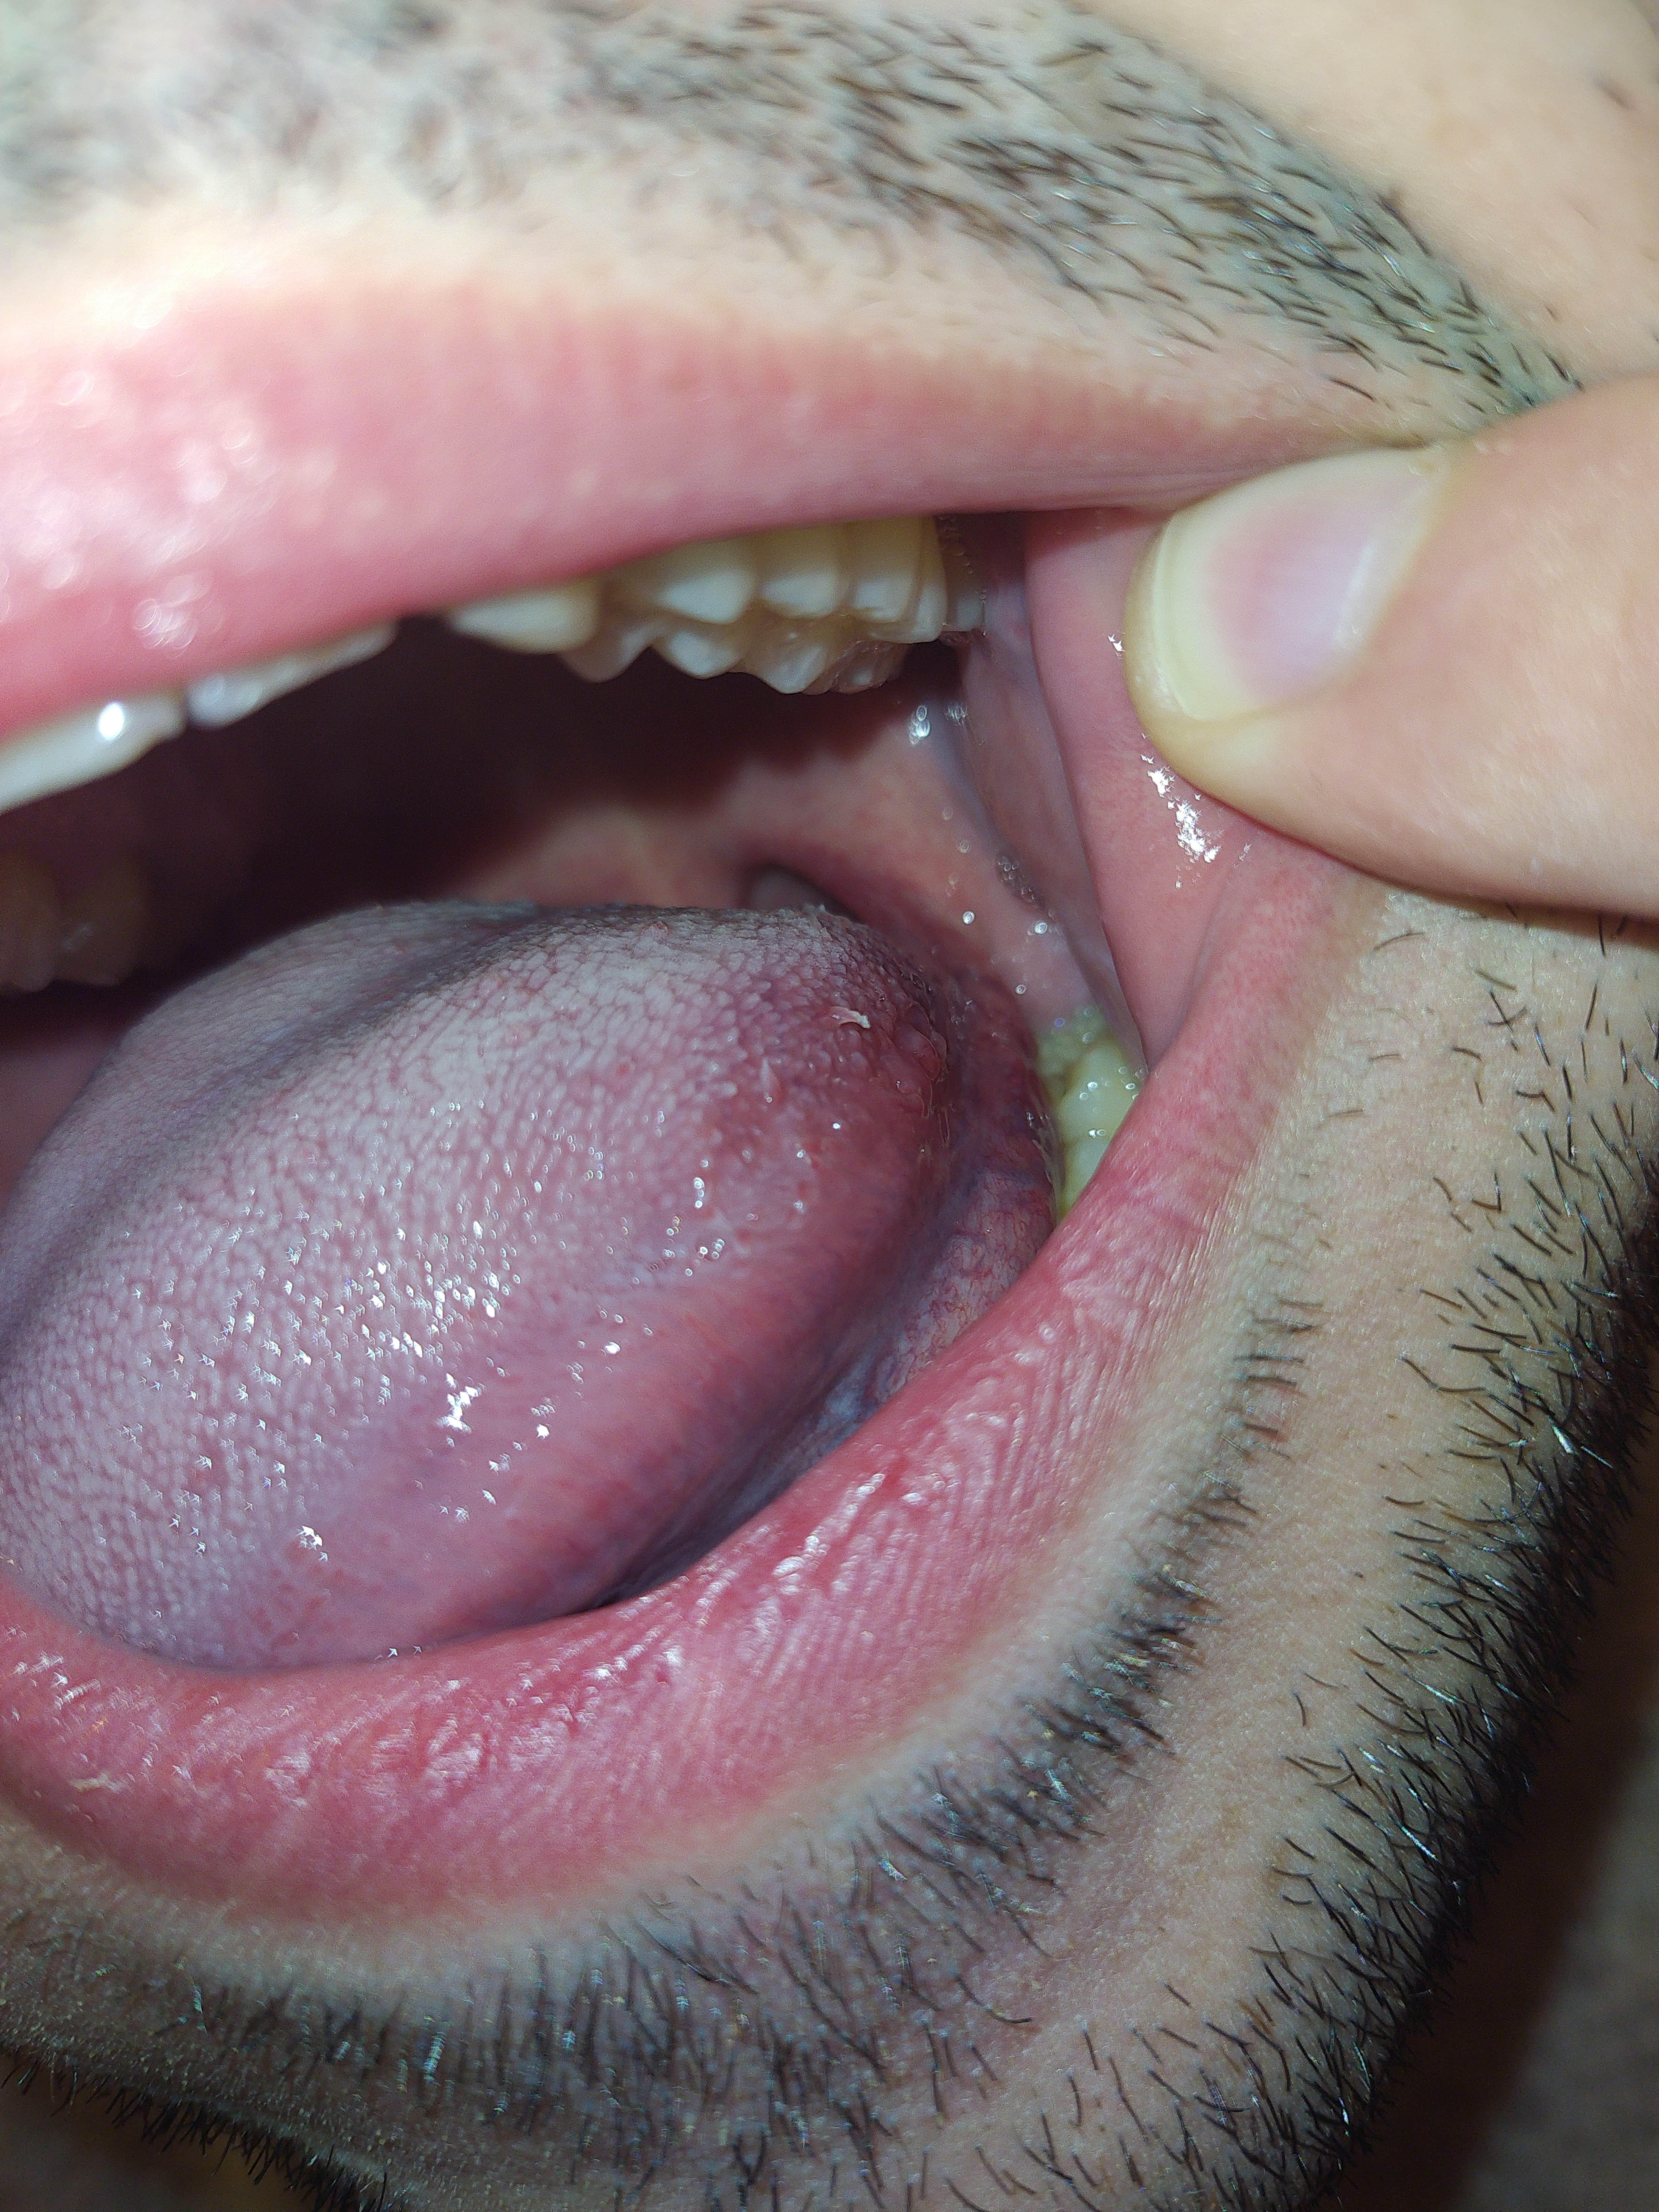 Soffro di stomatiti e ho spesso afte sul palato molle